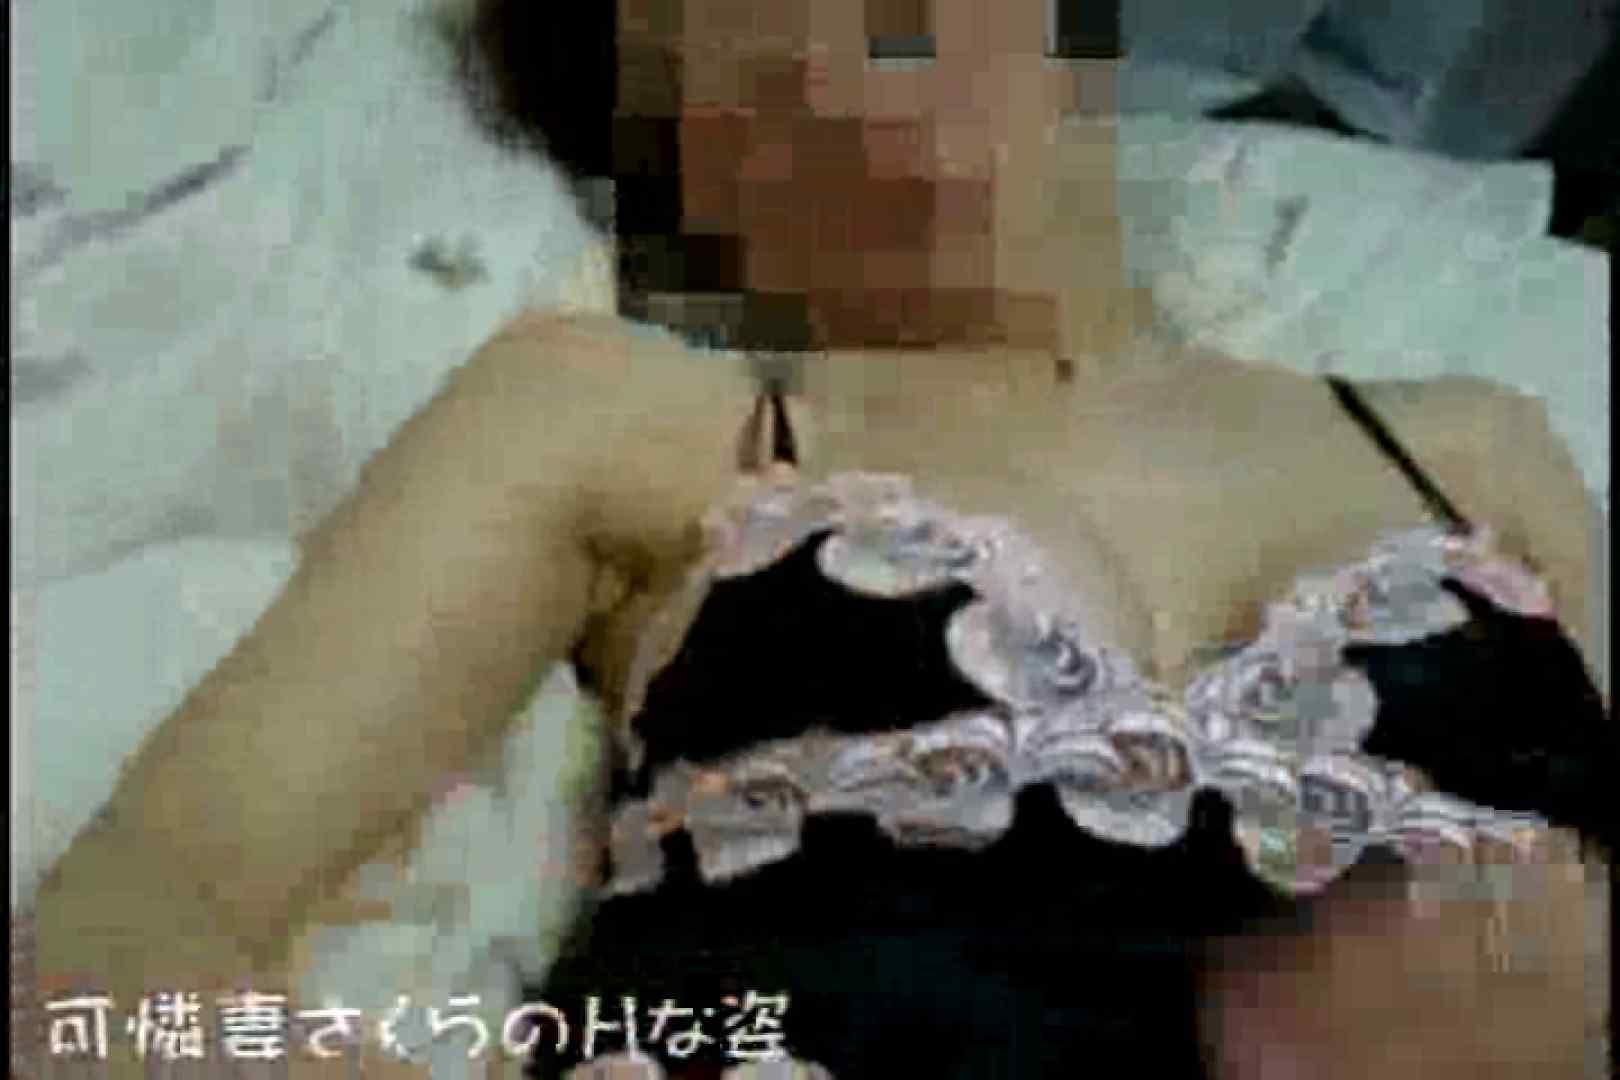 可憐妻さくらのHな姿vol.2 美乳 | クンニ  51連発 14